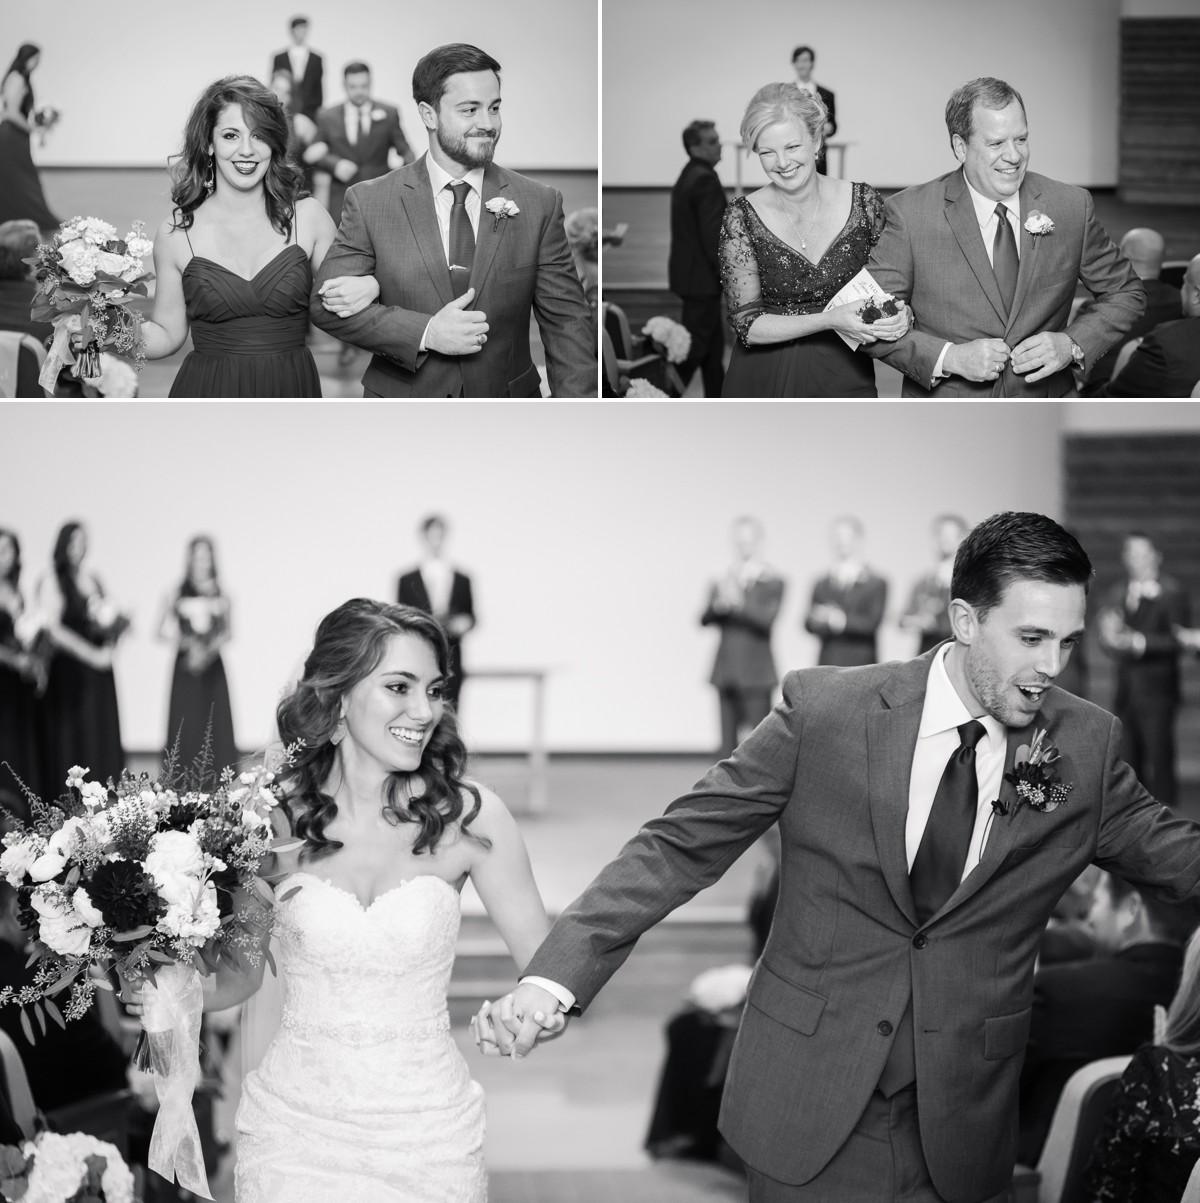 Lauren & Ross Wedding Photos in Houston